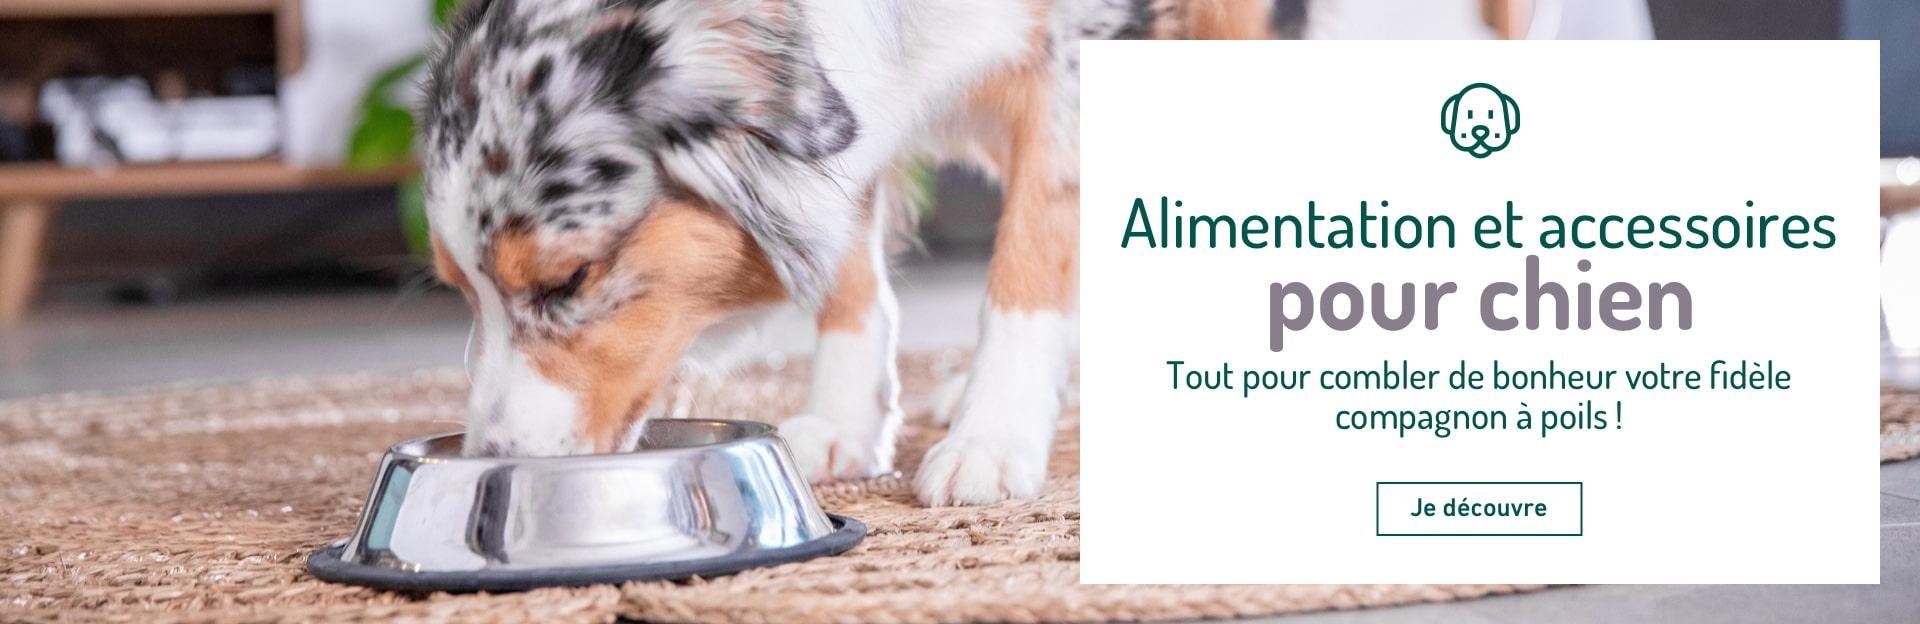 Alimentation et accessoires pour chien